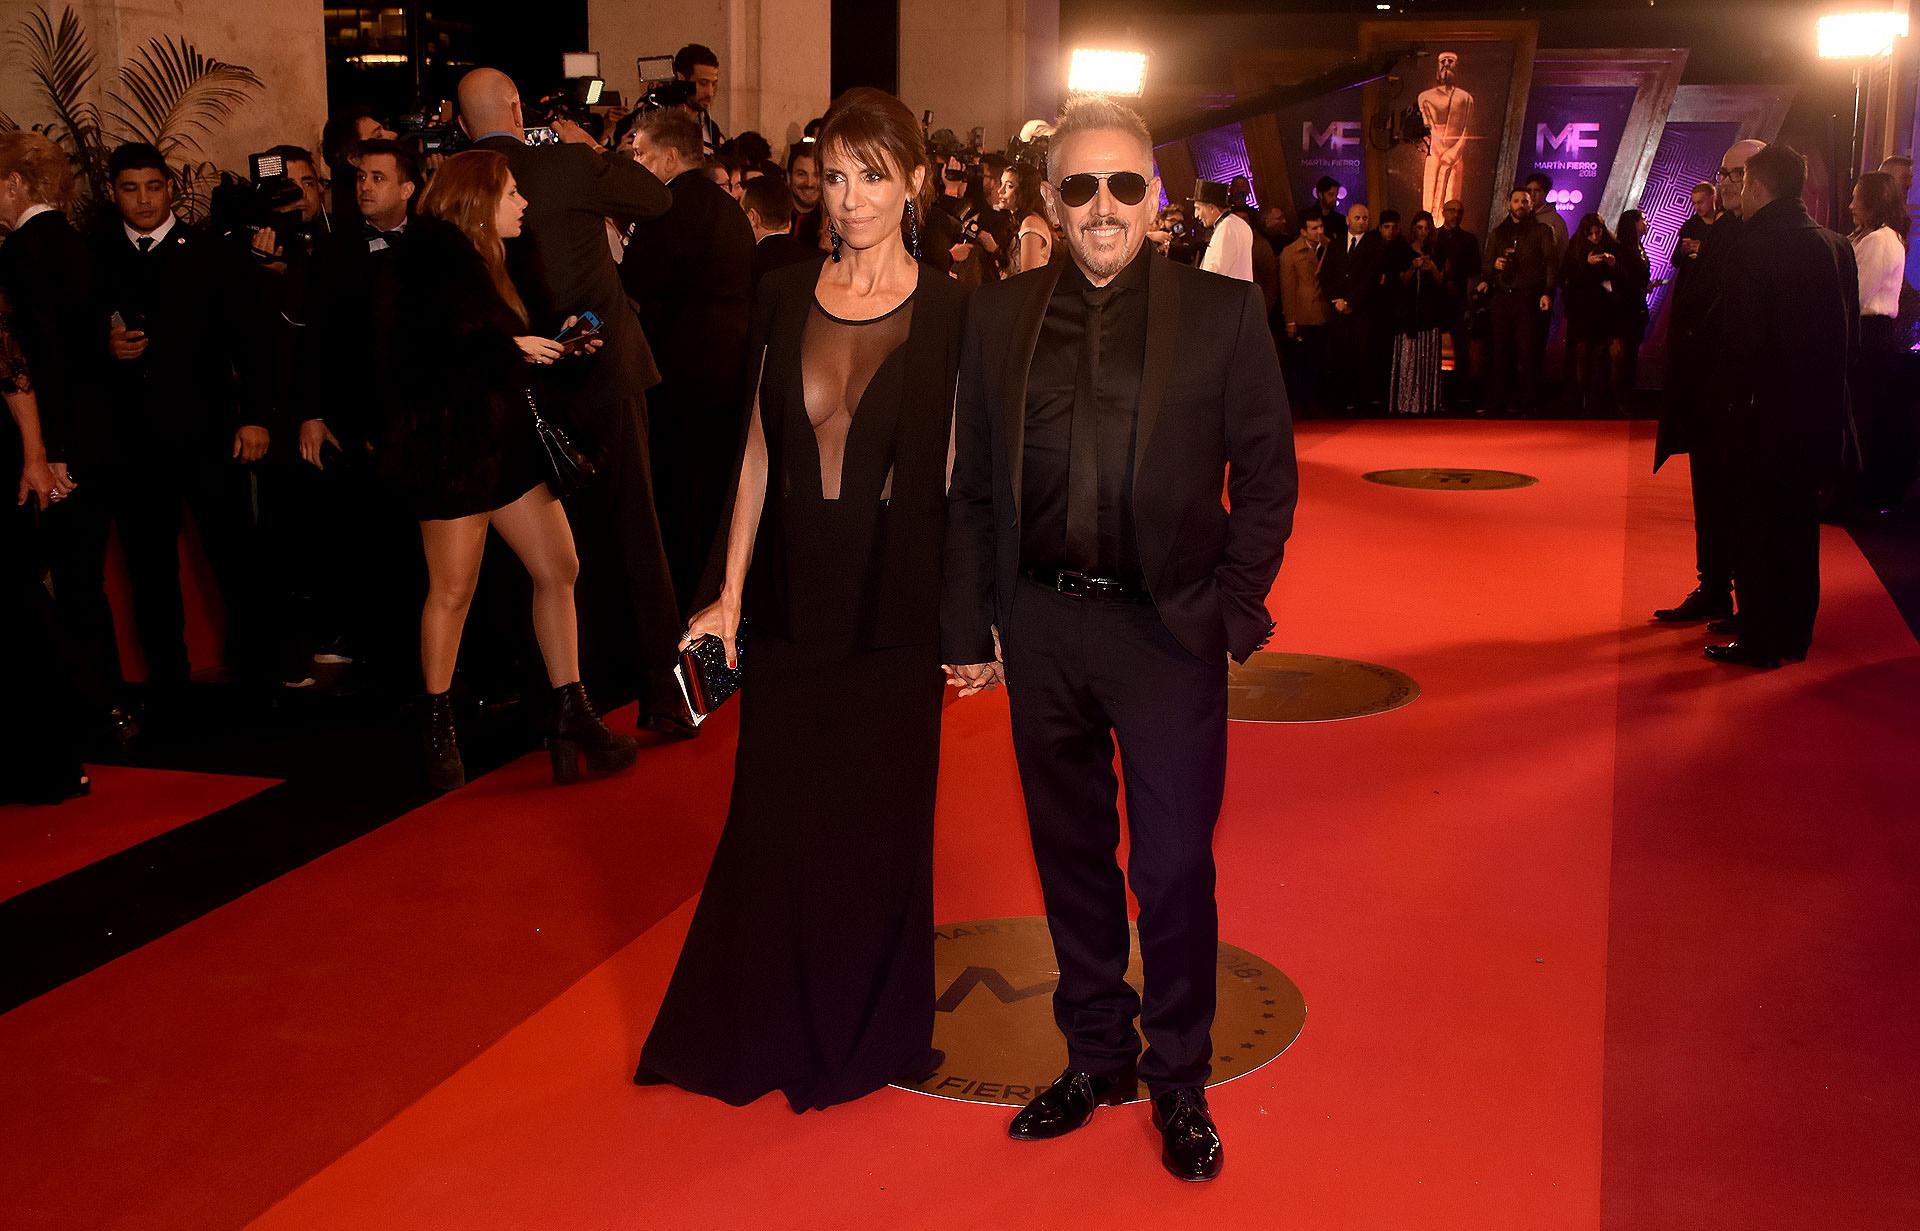 Alejandro Lerner junto a su mujer. Ambos en total black.